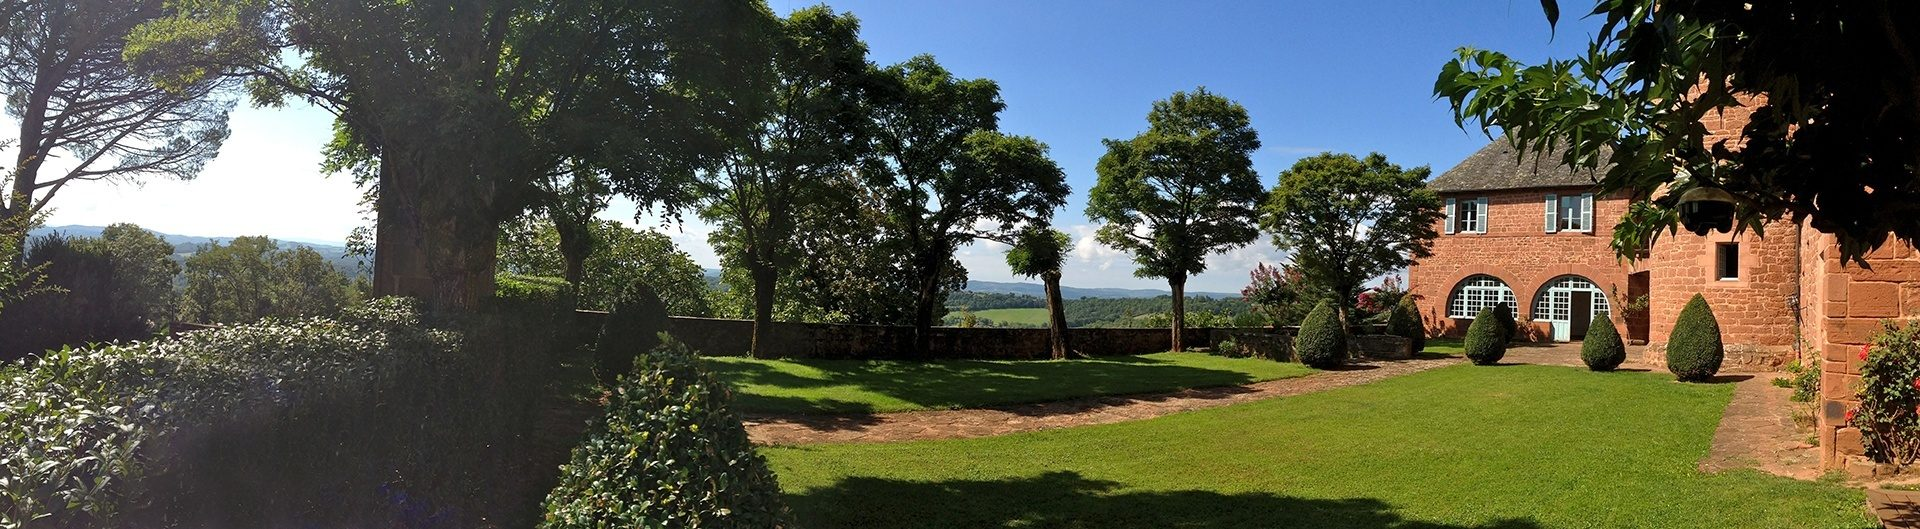 Bien-être et services au château de Marsac en Limousin